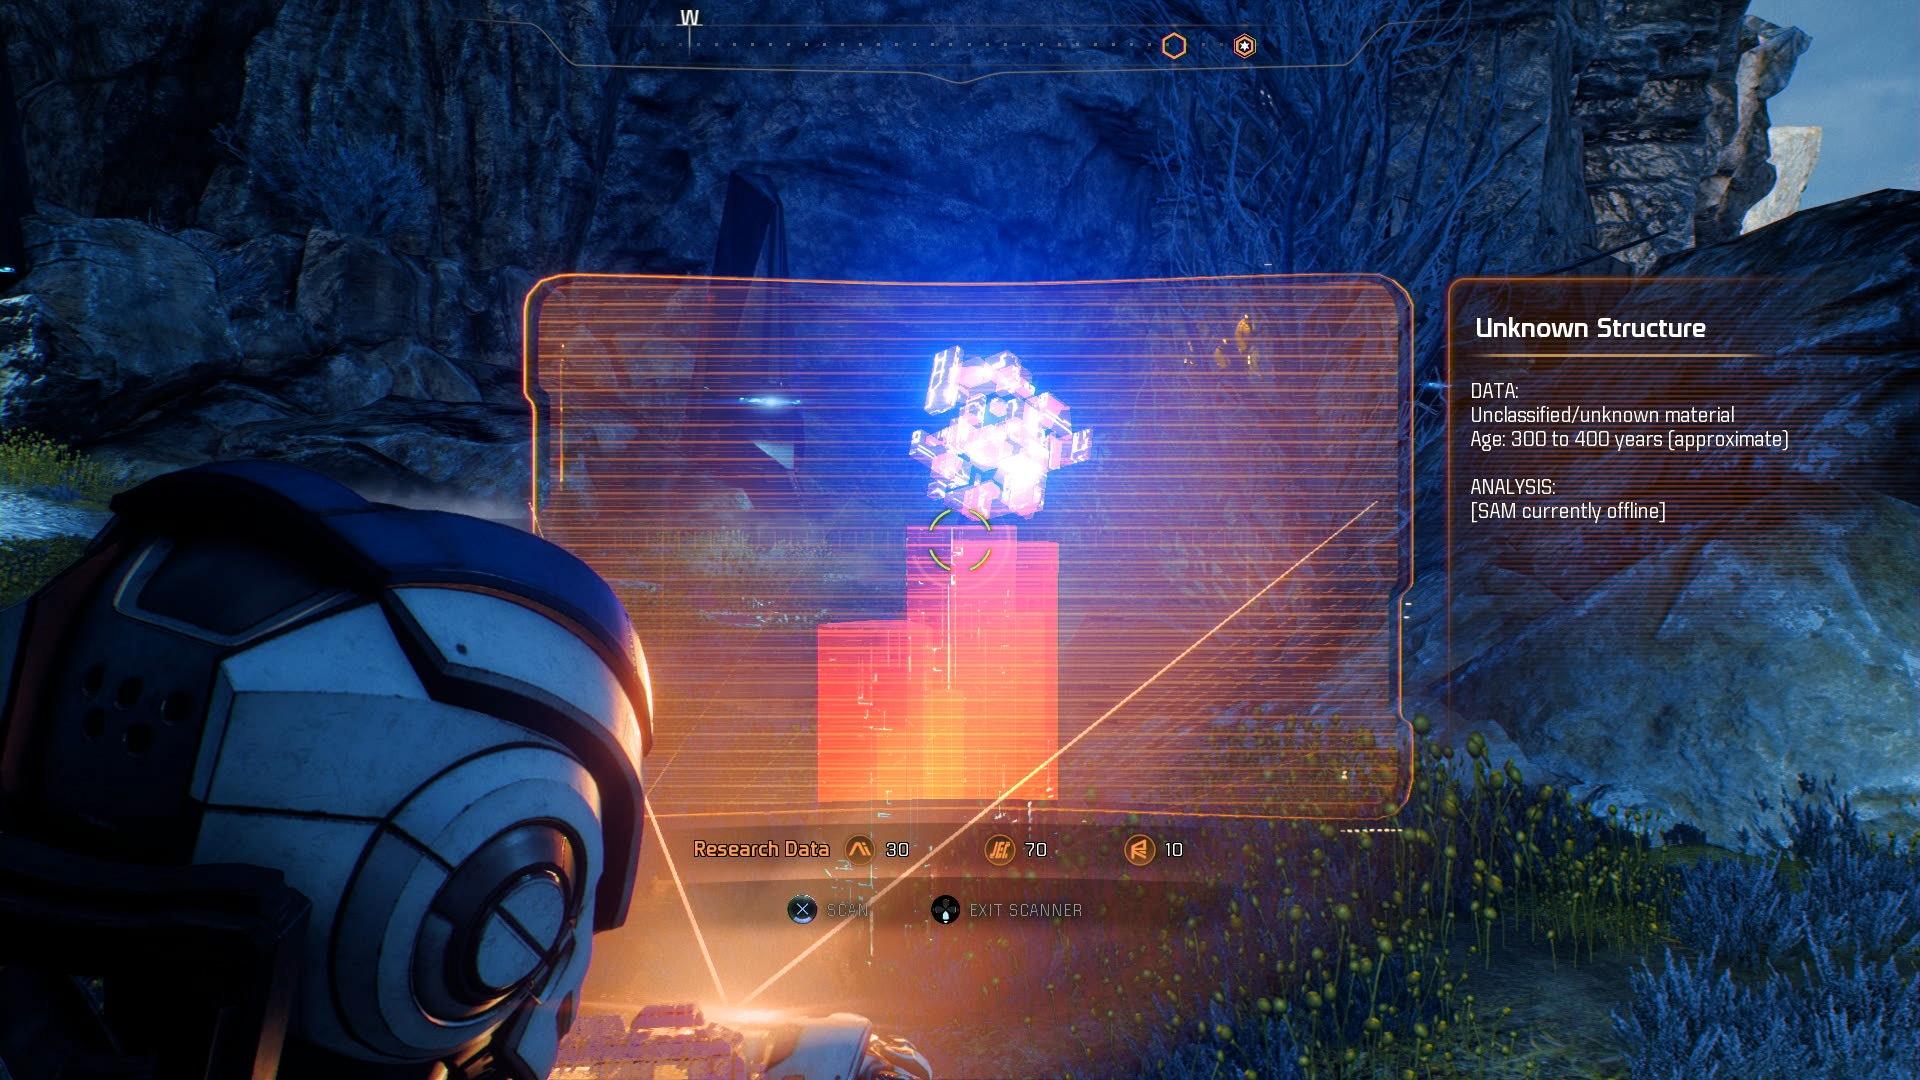 Le scanneur portatif est possiblement l'outil le plus utile dans l'arsenal de Ryder